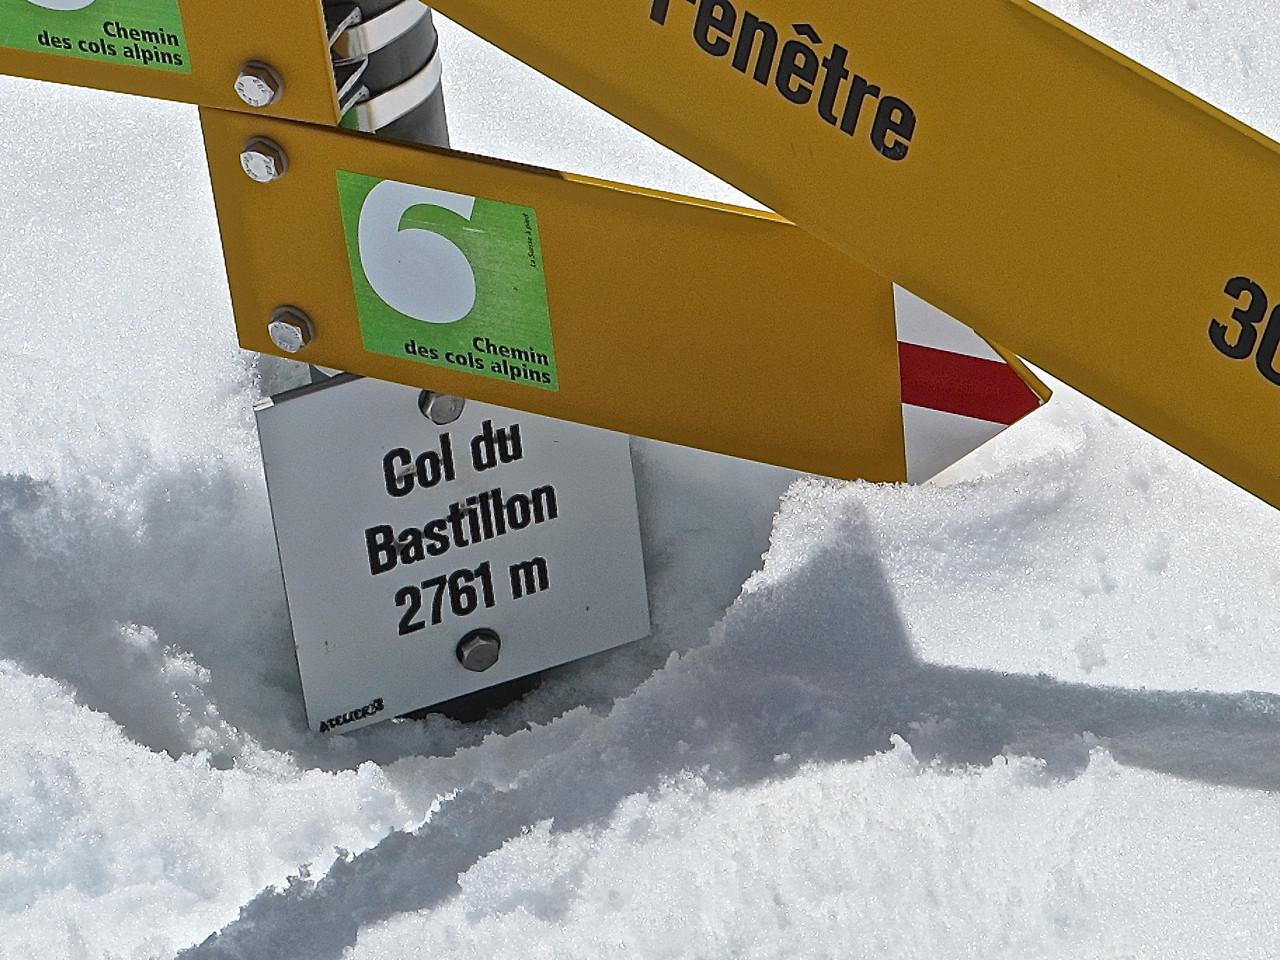 Un col riche en neige.